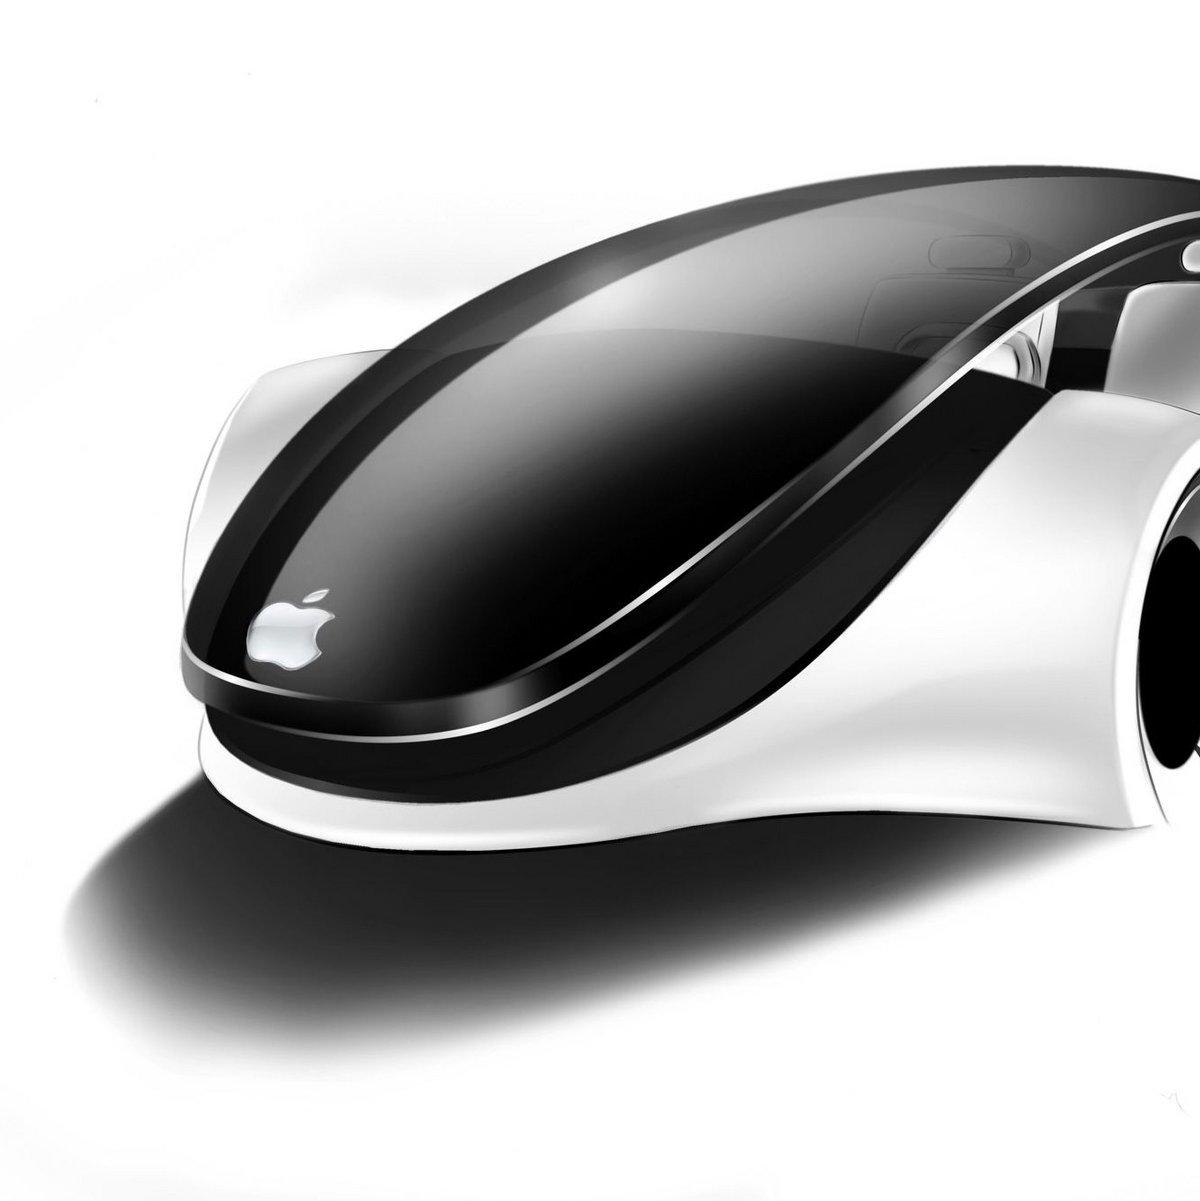 voiture autonome apple_cropped_1340x1341